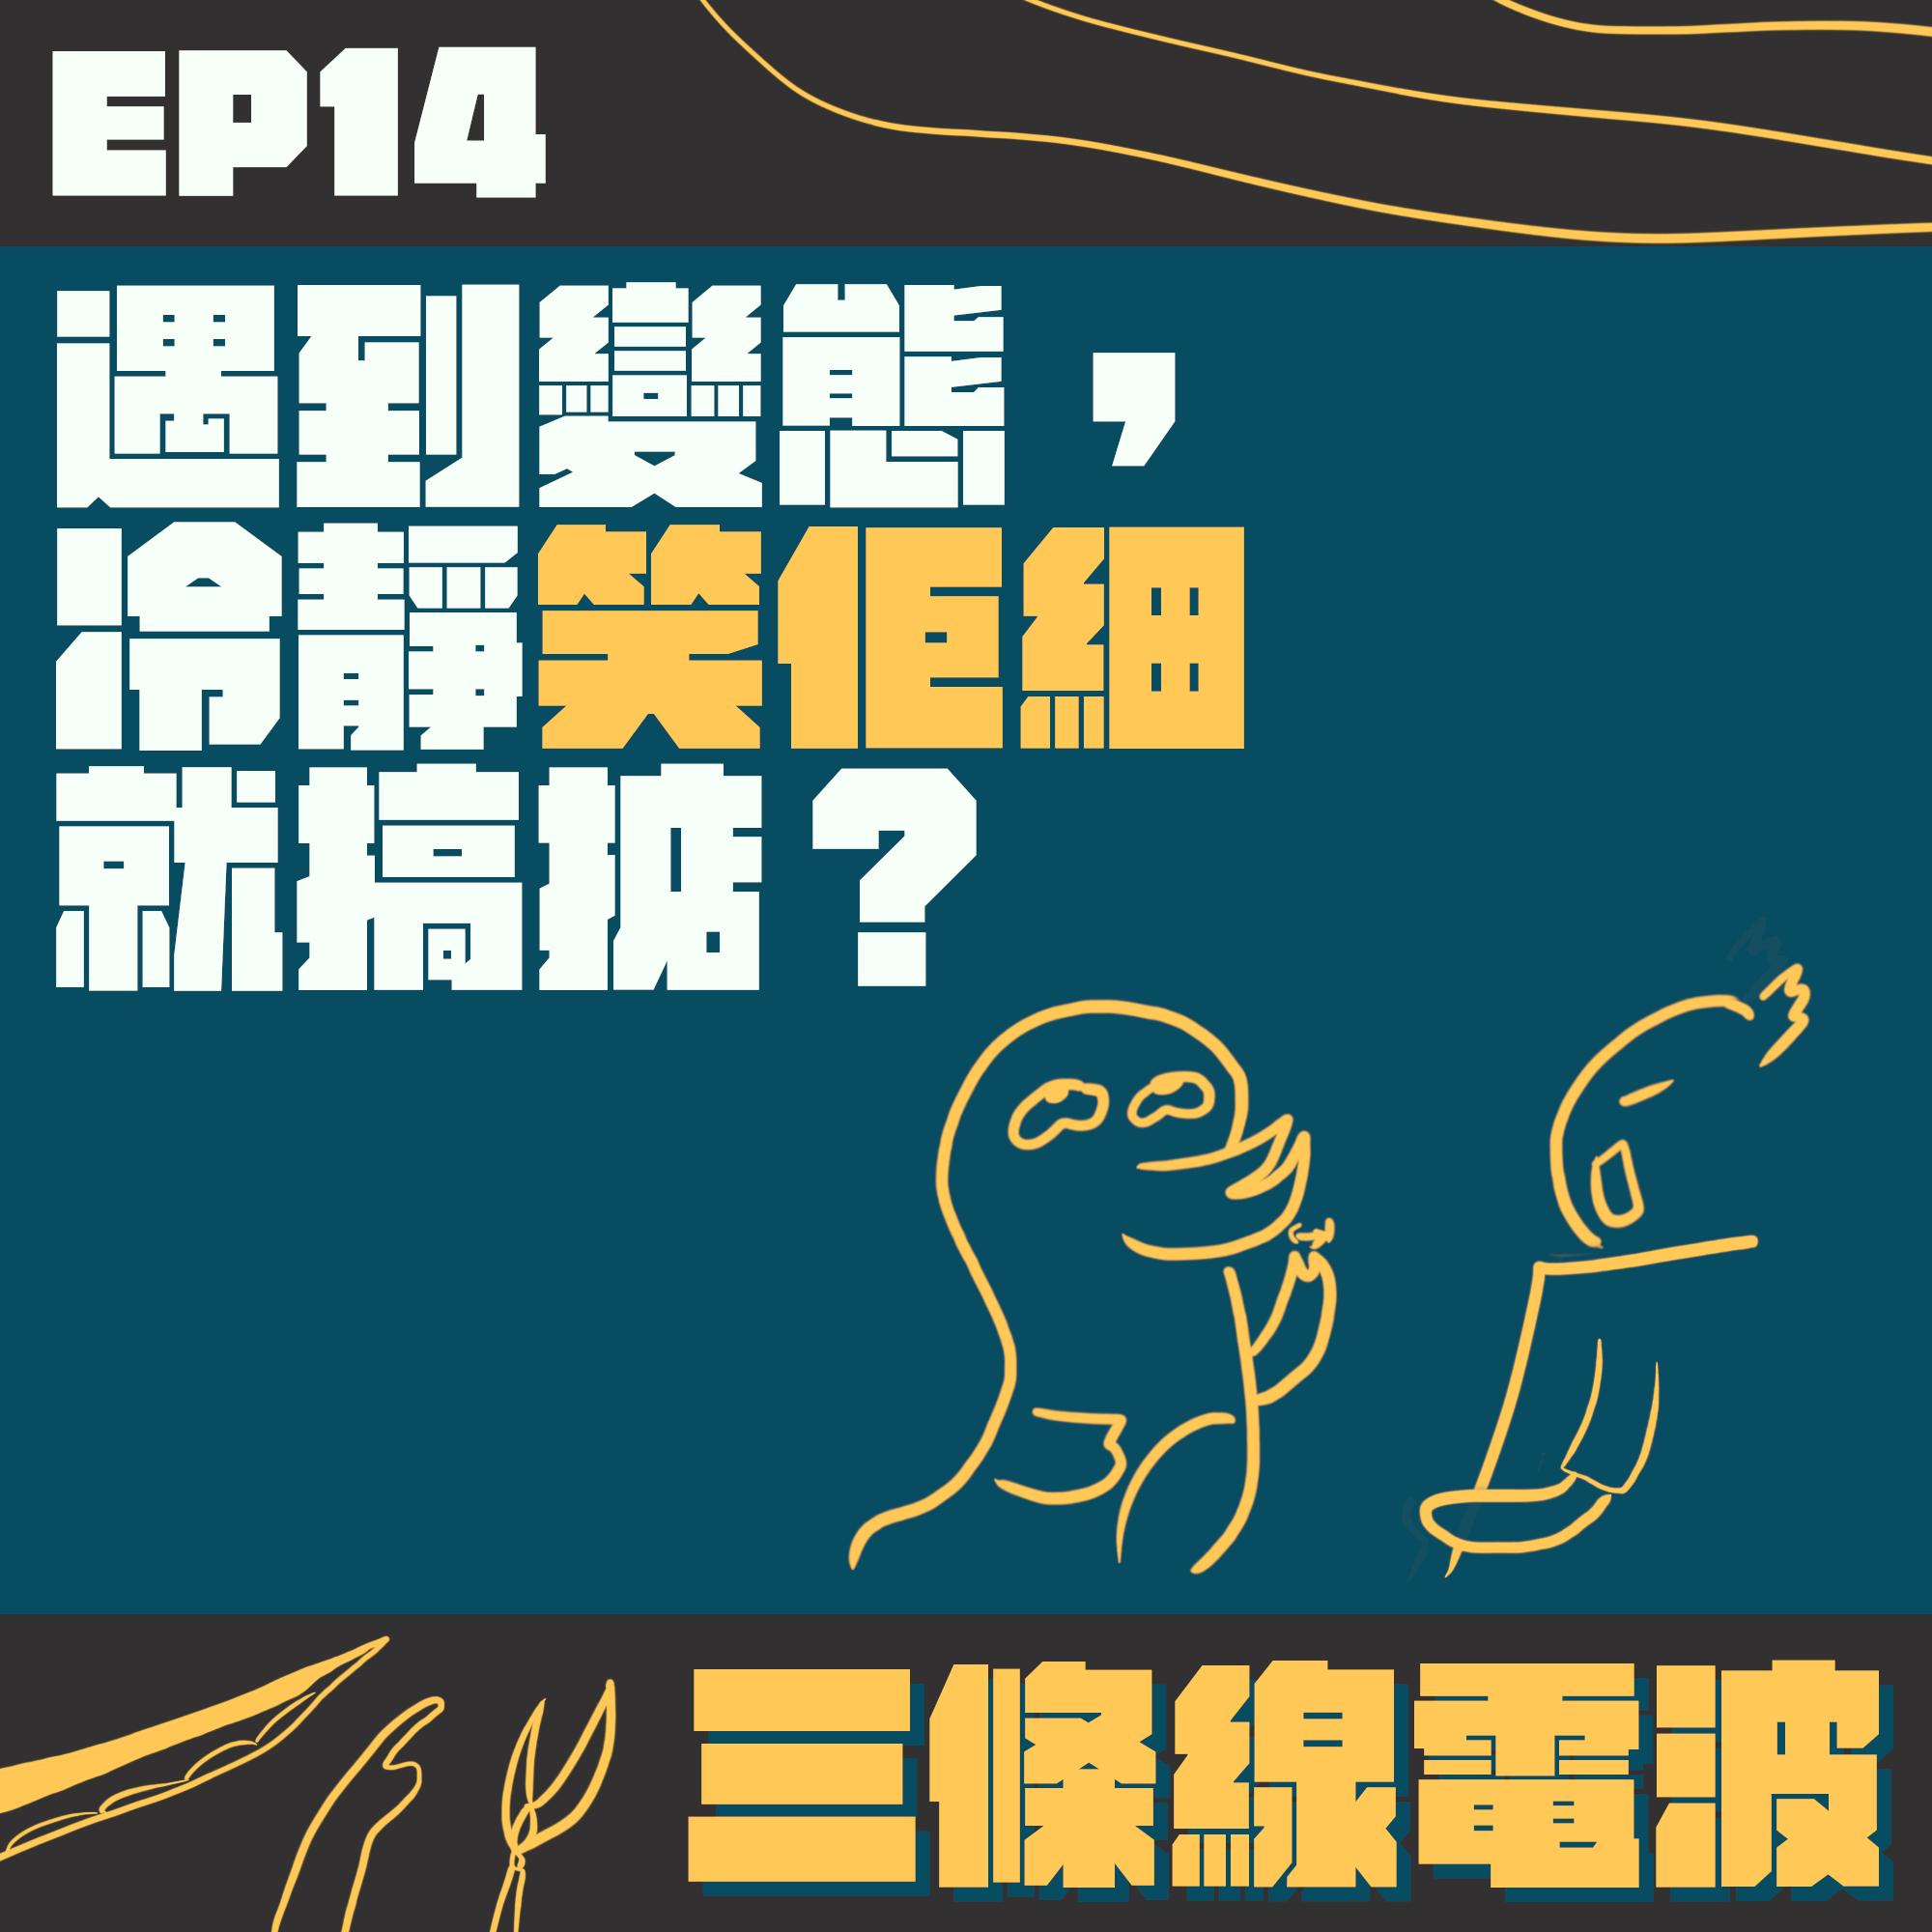 EP14丨遇到變態,冷靜笑佢細就搞掂?